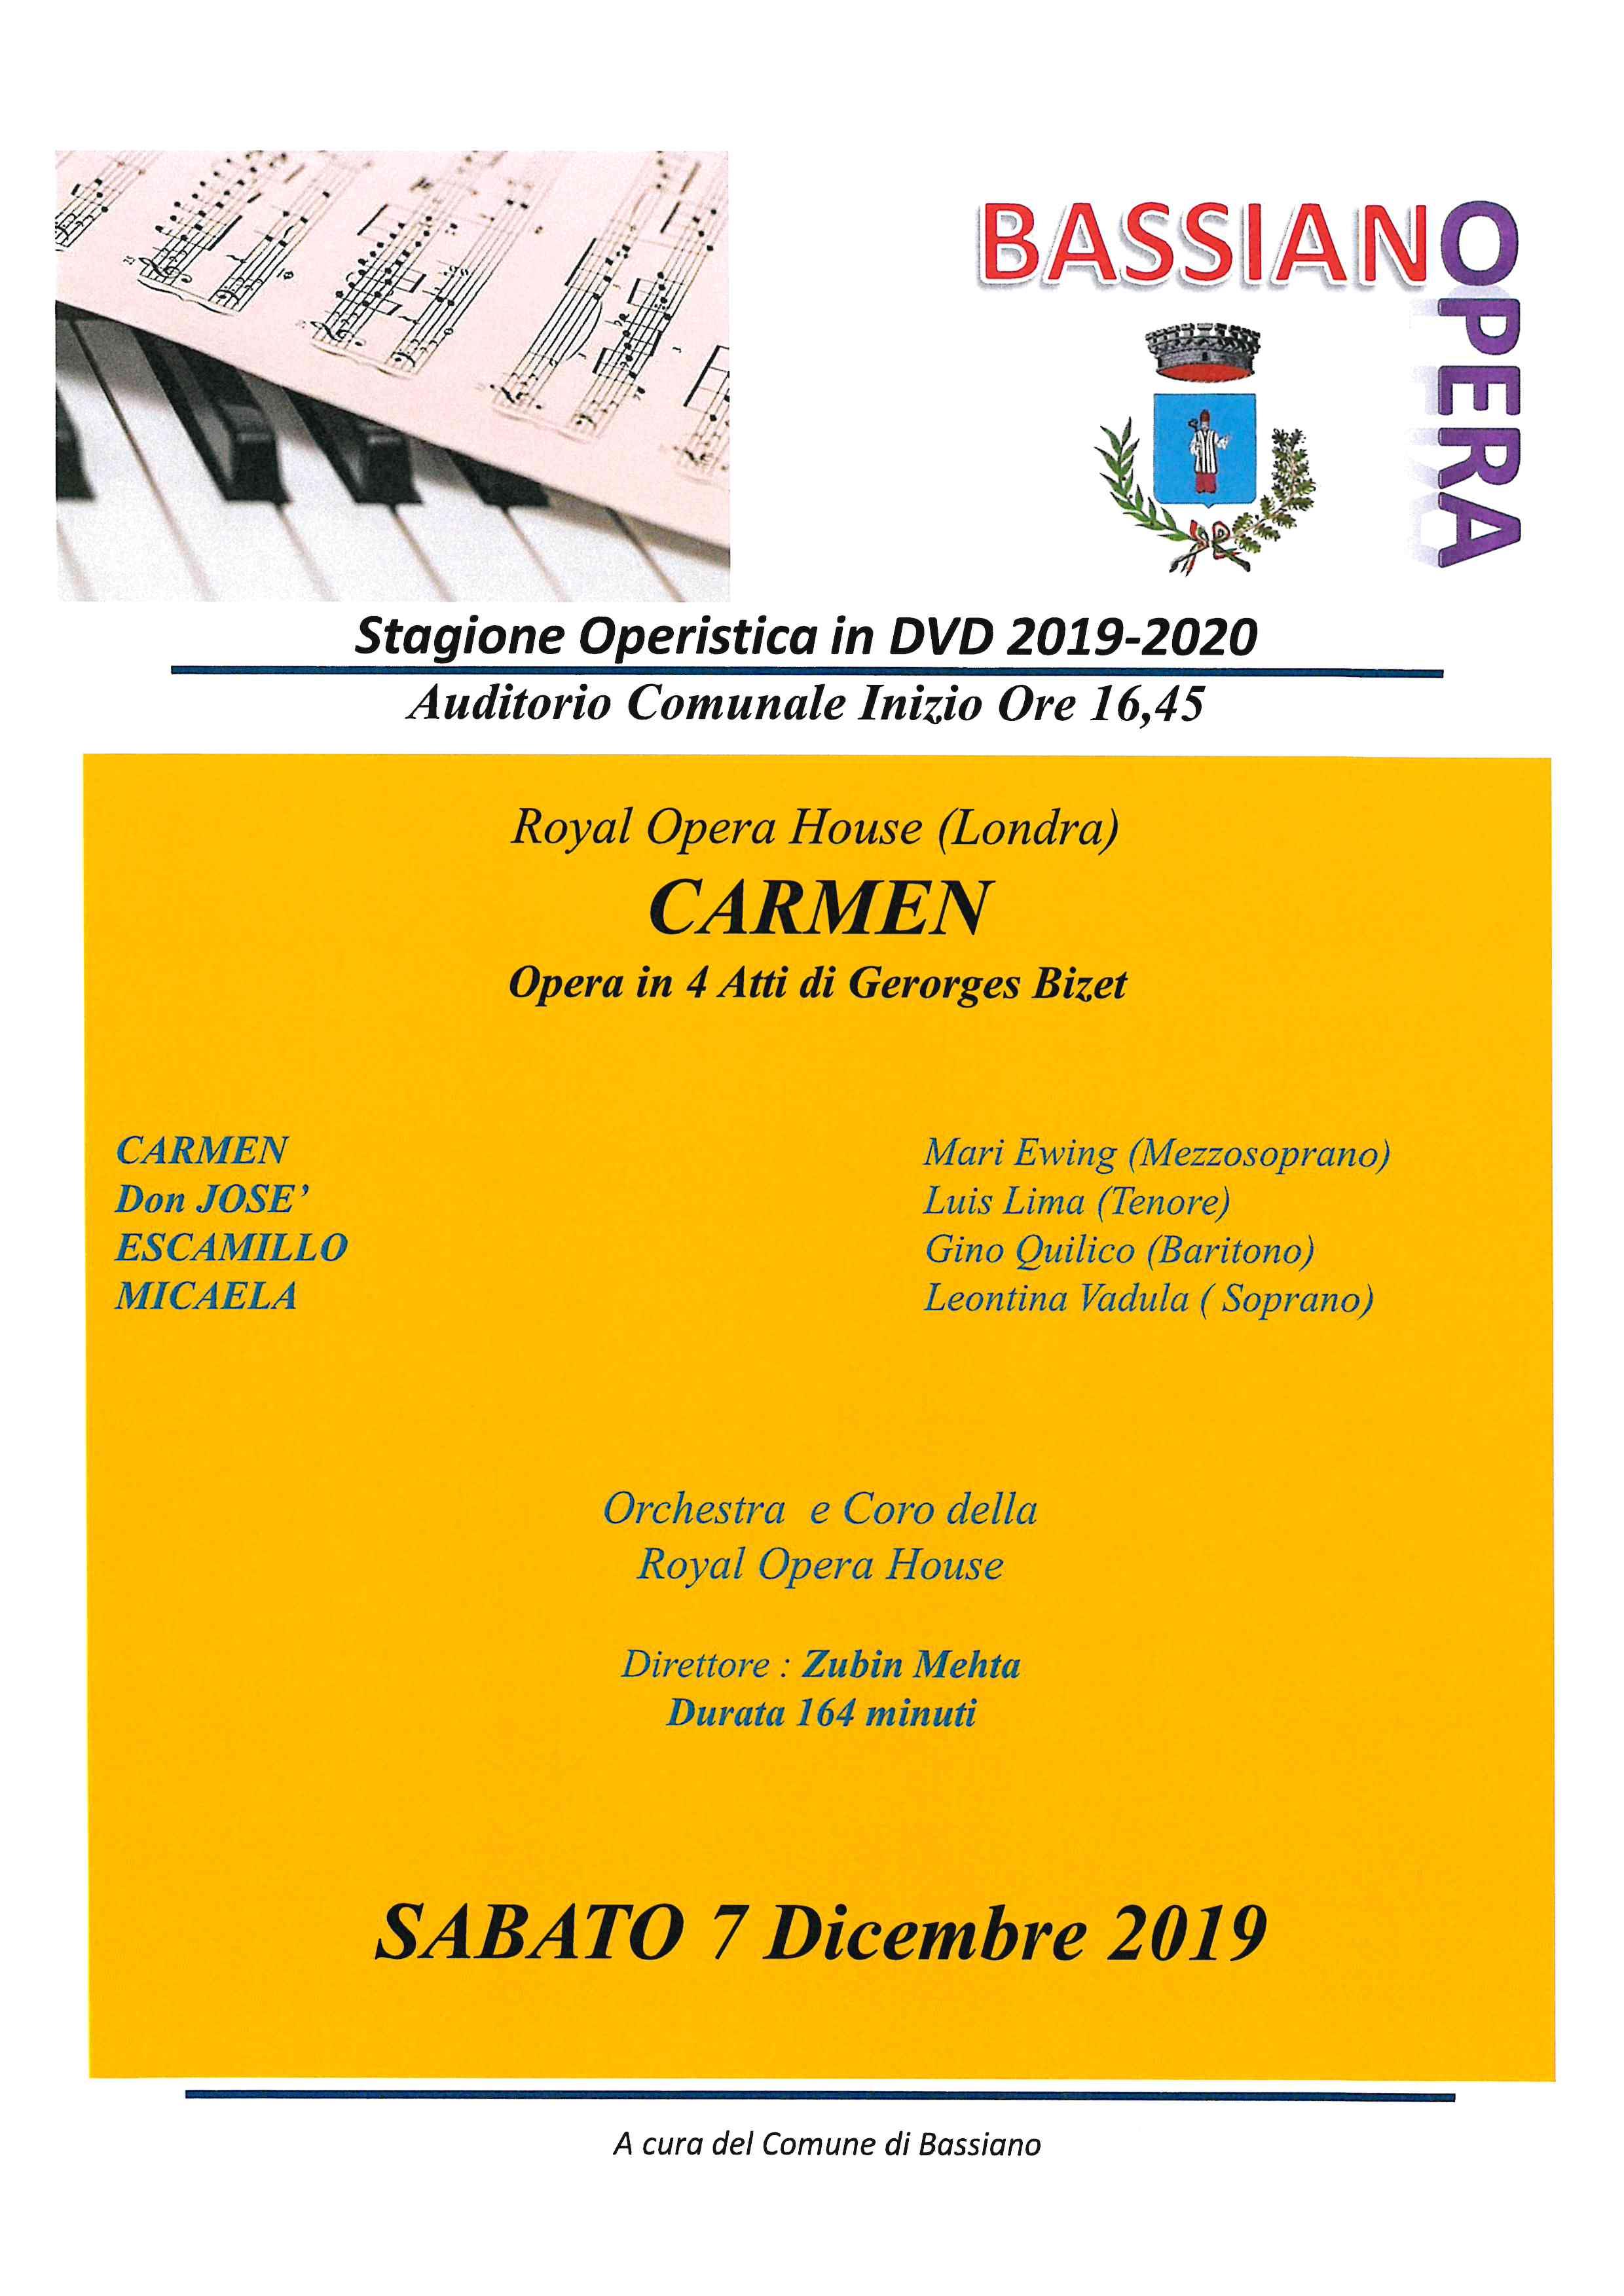 stagione Operistica in DVD 2019/2020 - Auditorio Comunale Iniziio Ore 16,45